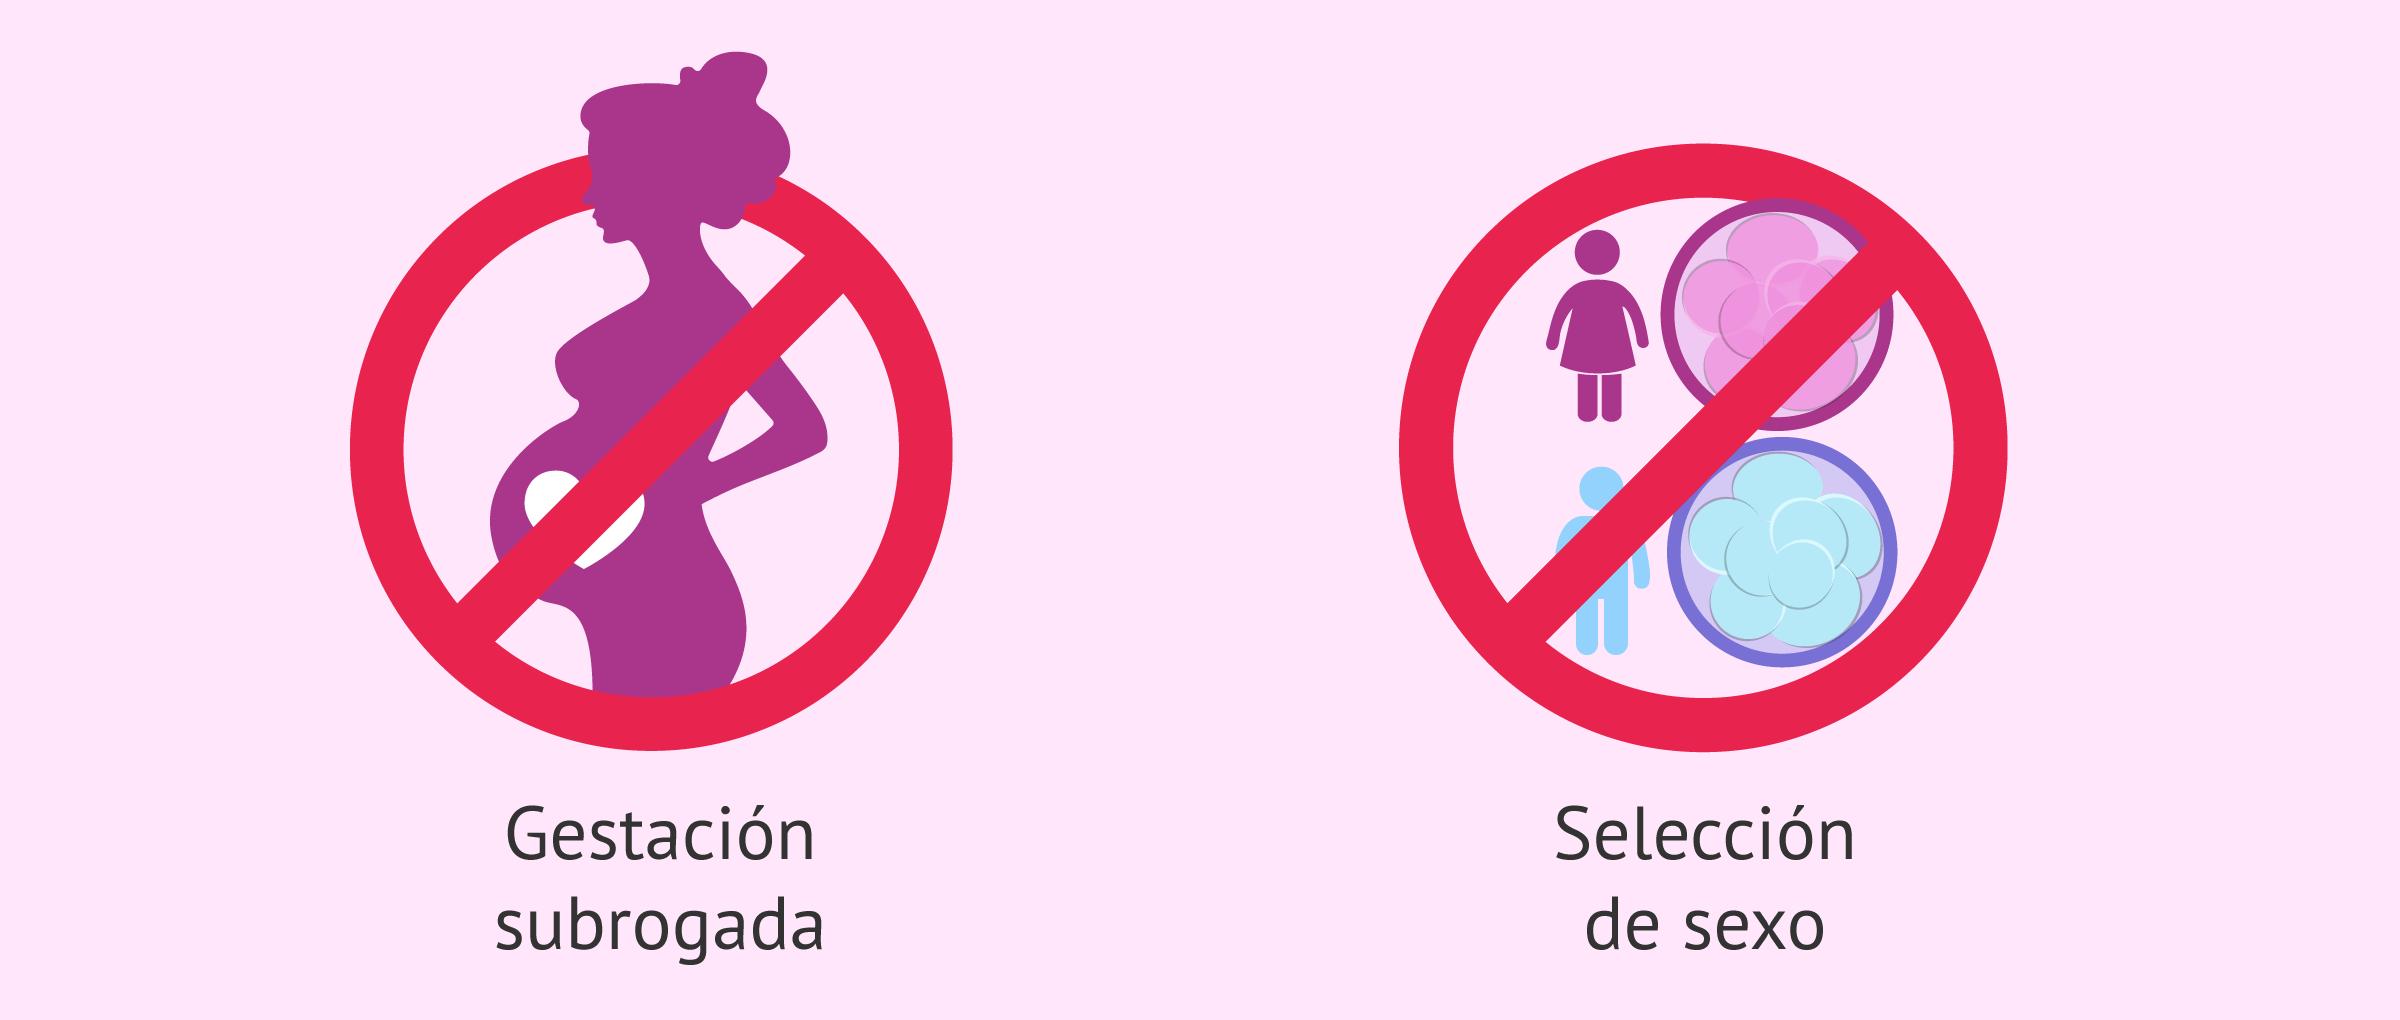 Técnicas de reproducción asistida prohibidas en España